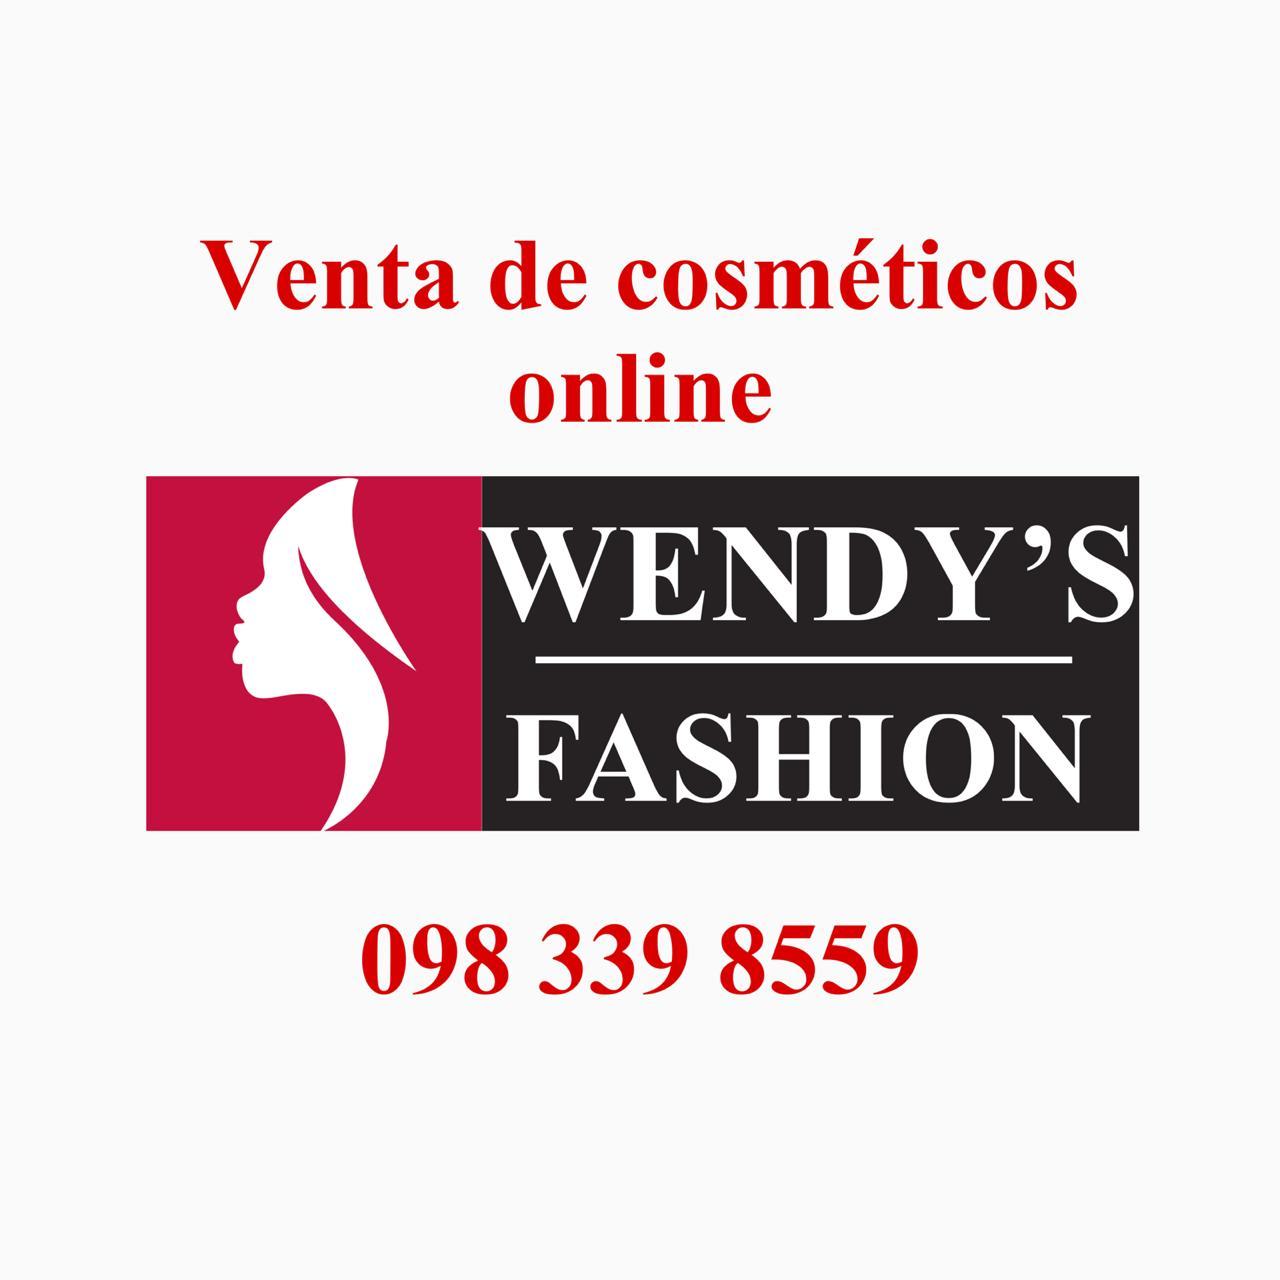 Wendy's Fashion